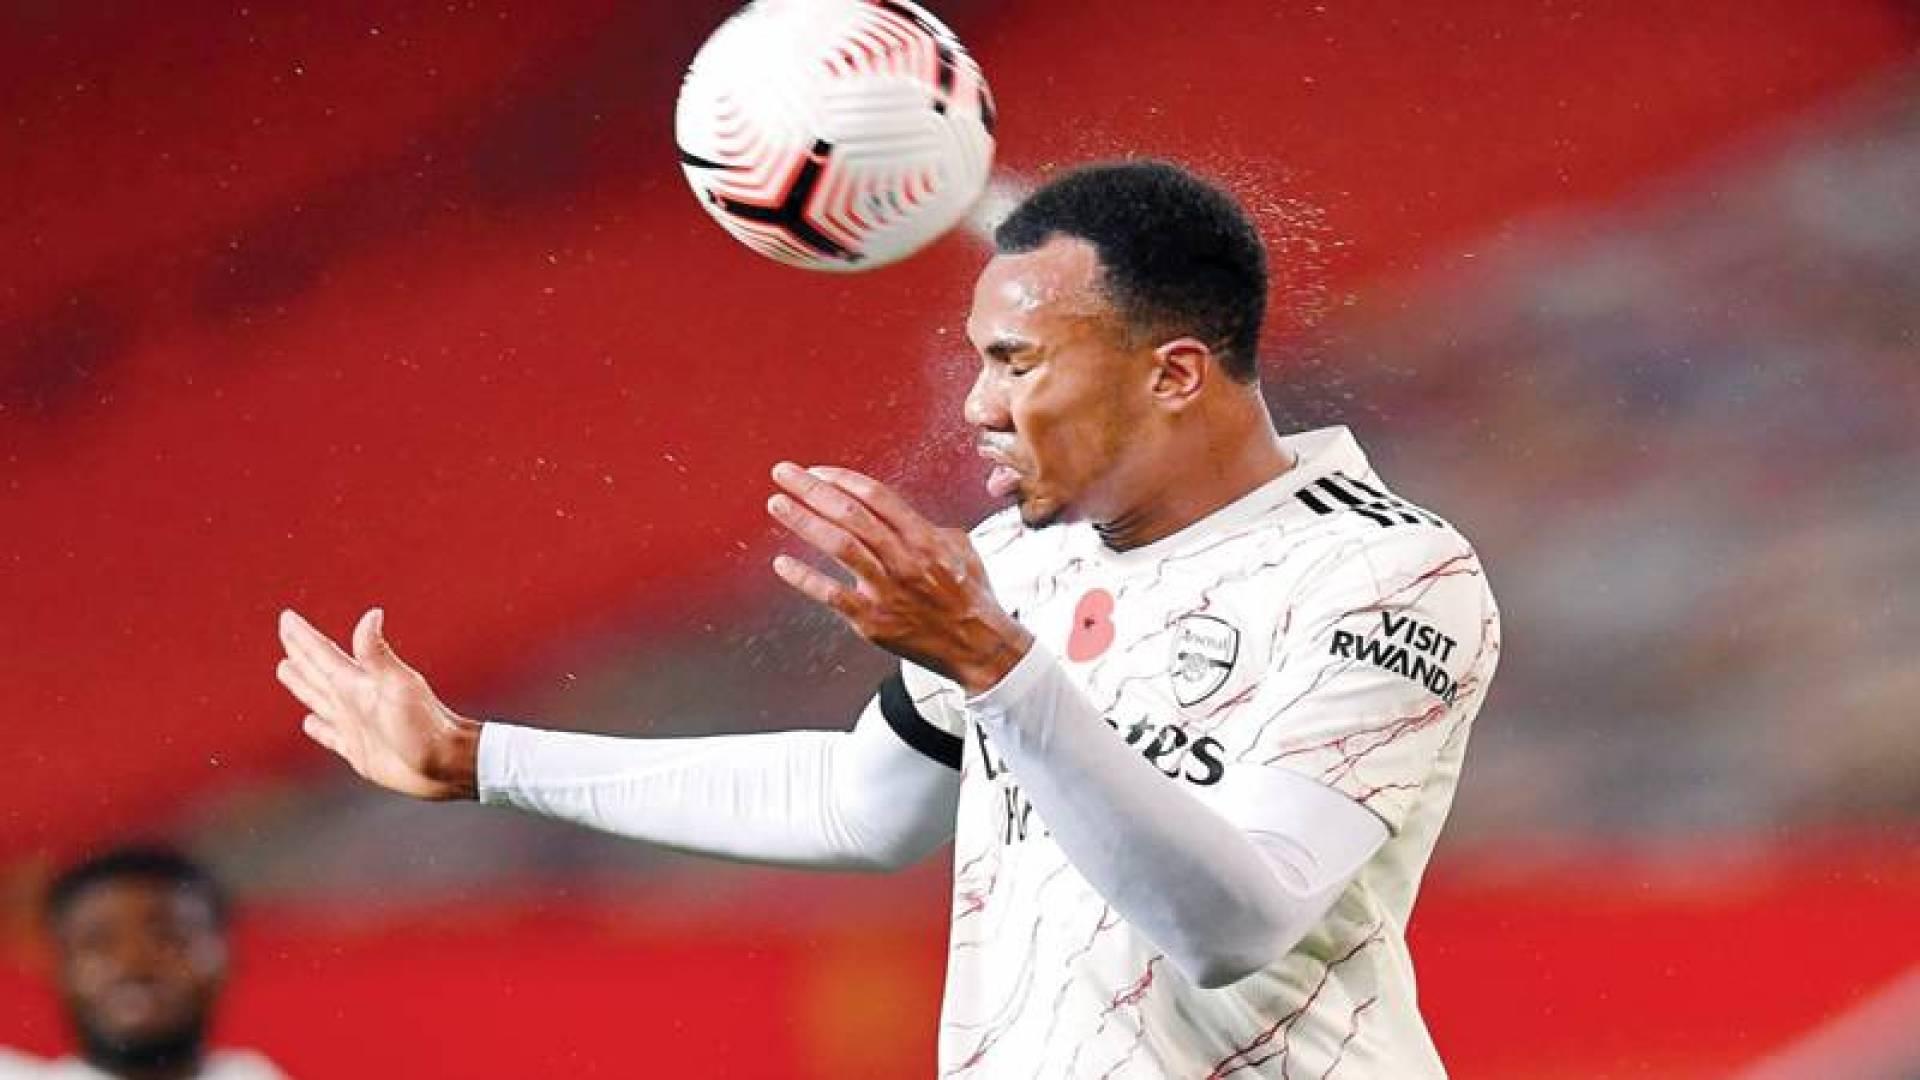 ضرب الكرة بالرأس يسبب الإصابة بالخرف